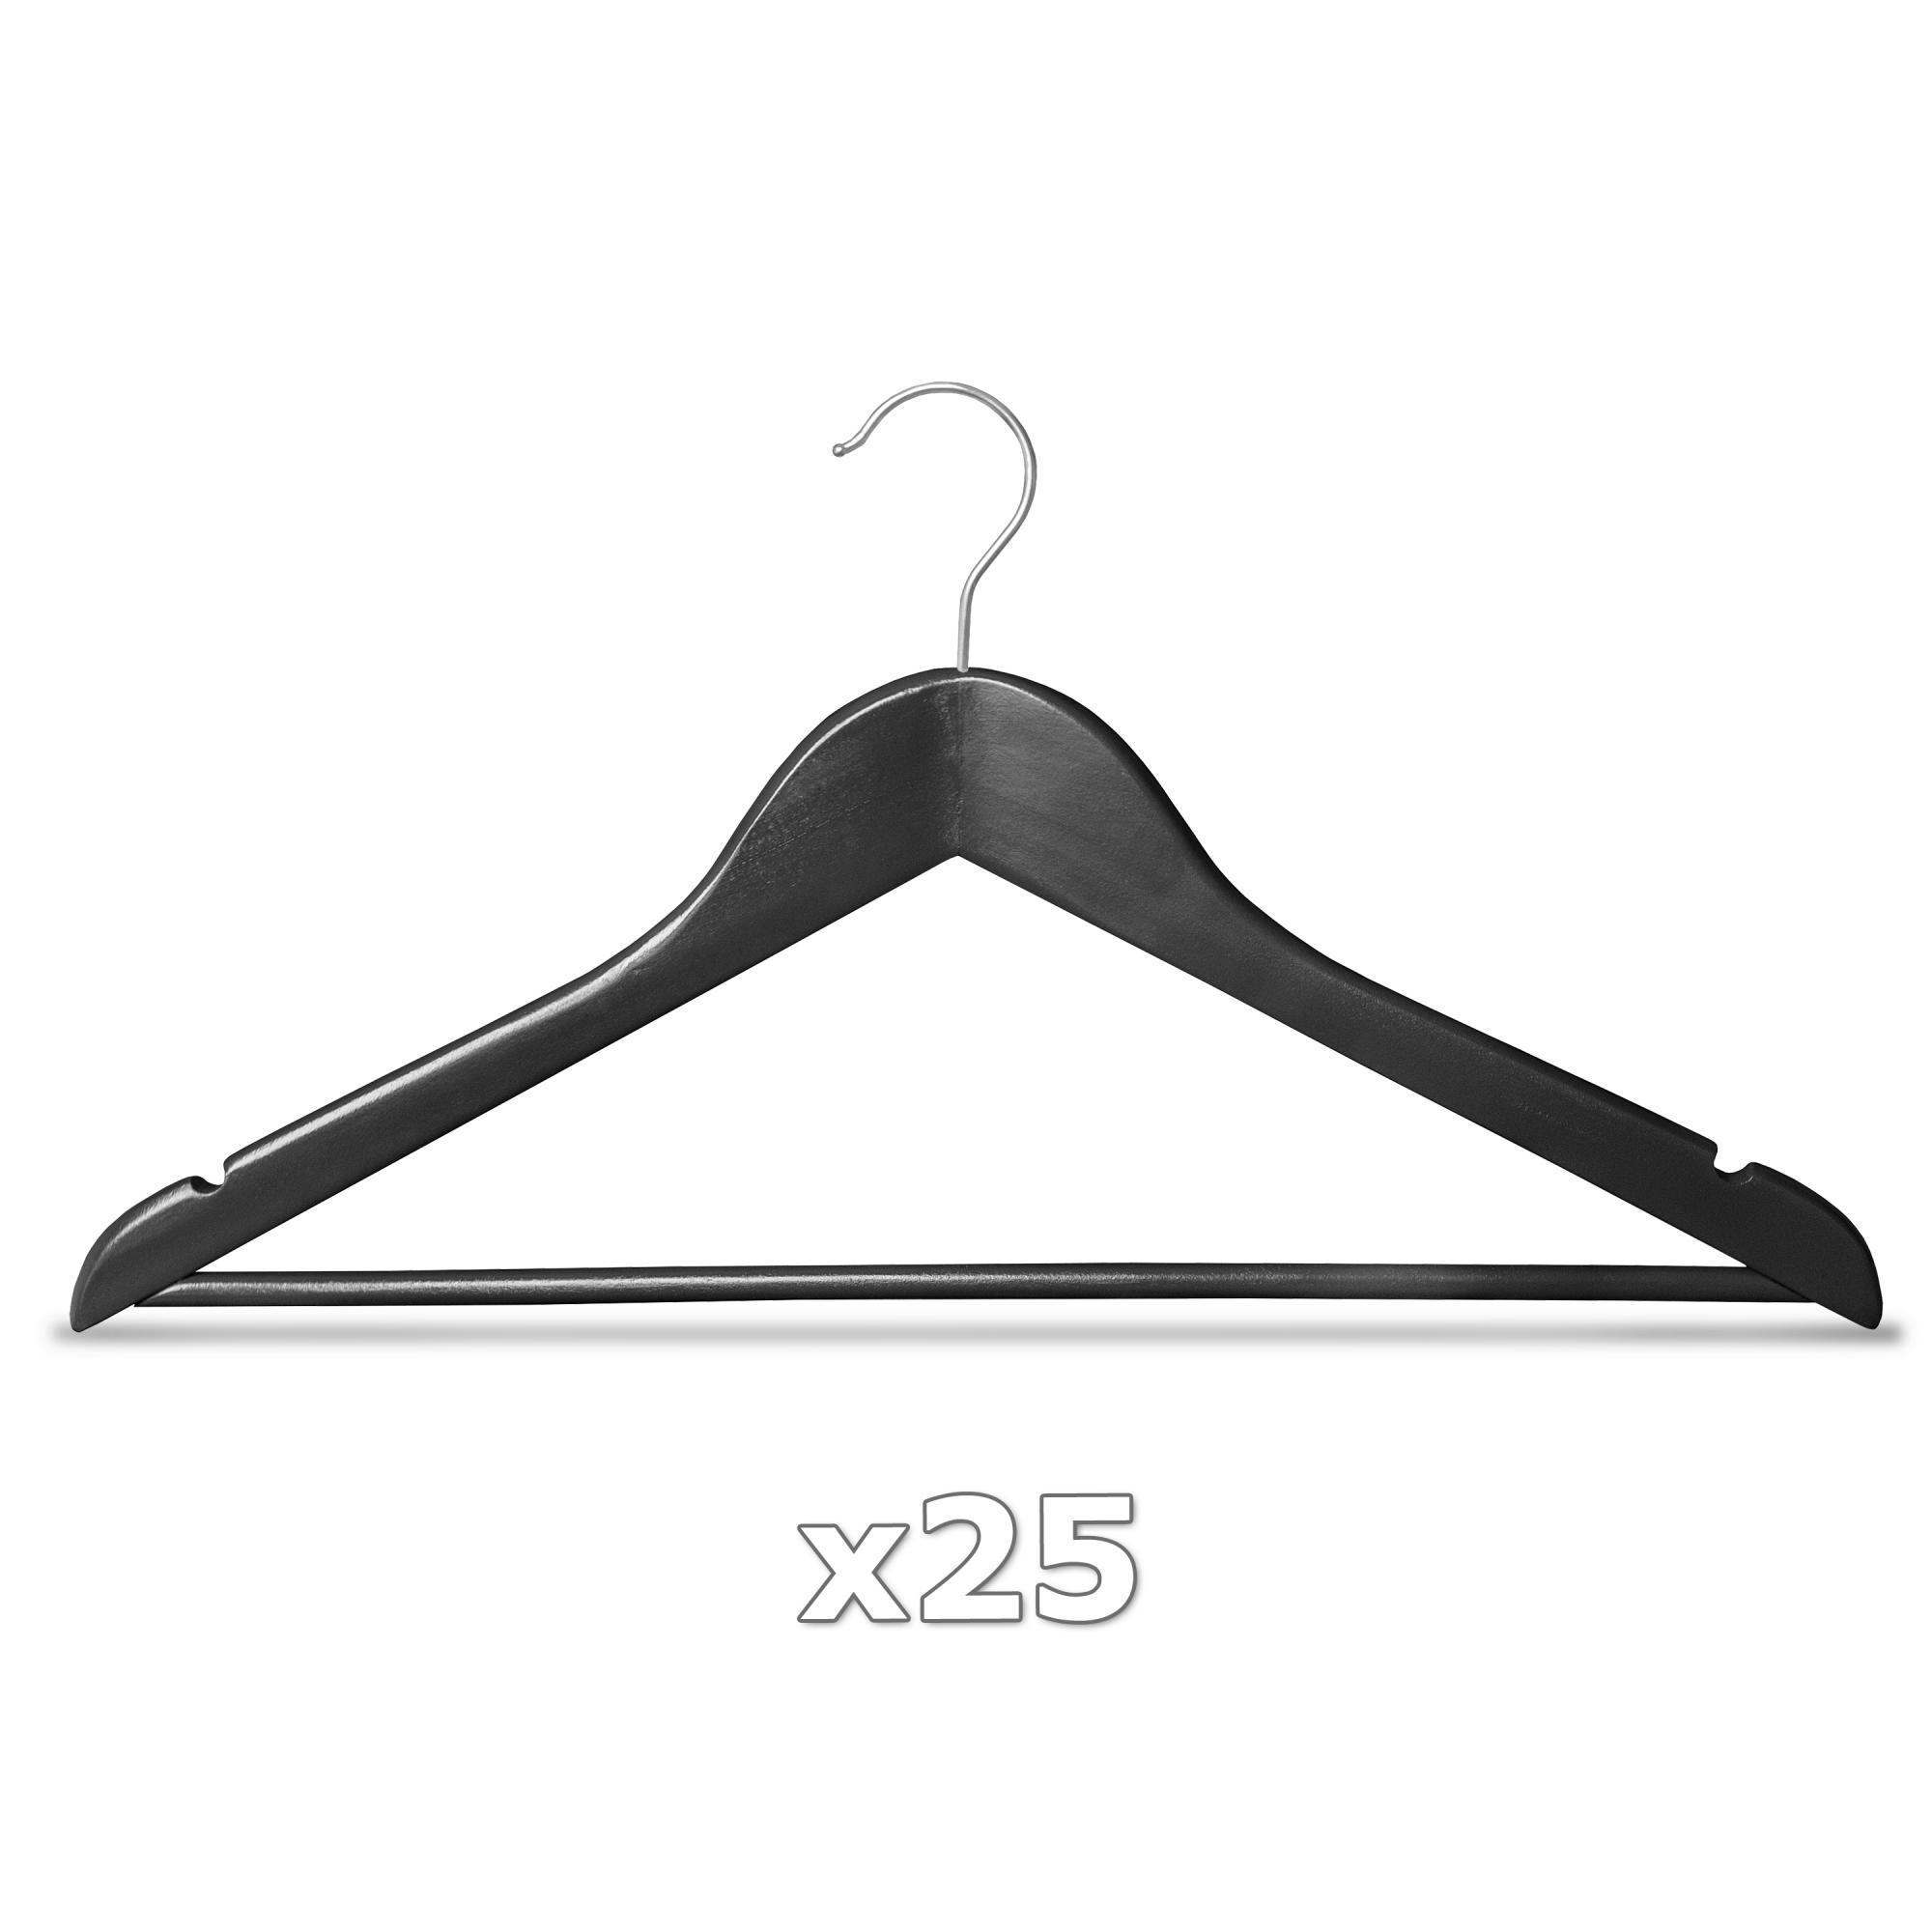 25 st ck kleiderb gel holz schwarz holzb gel mit hosenstange garderobenb gel ebay. Black Bedroom Furniture Sets. Home Design Ideas